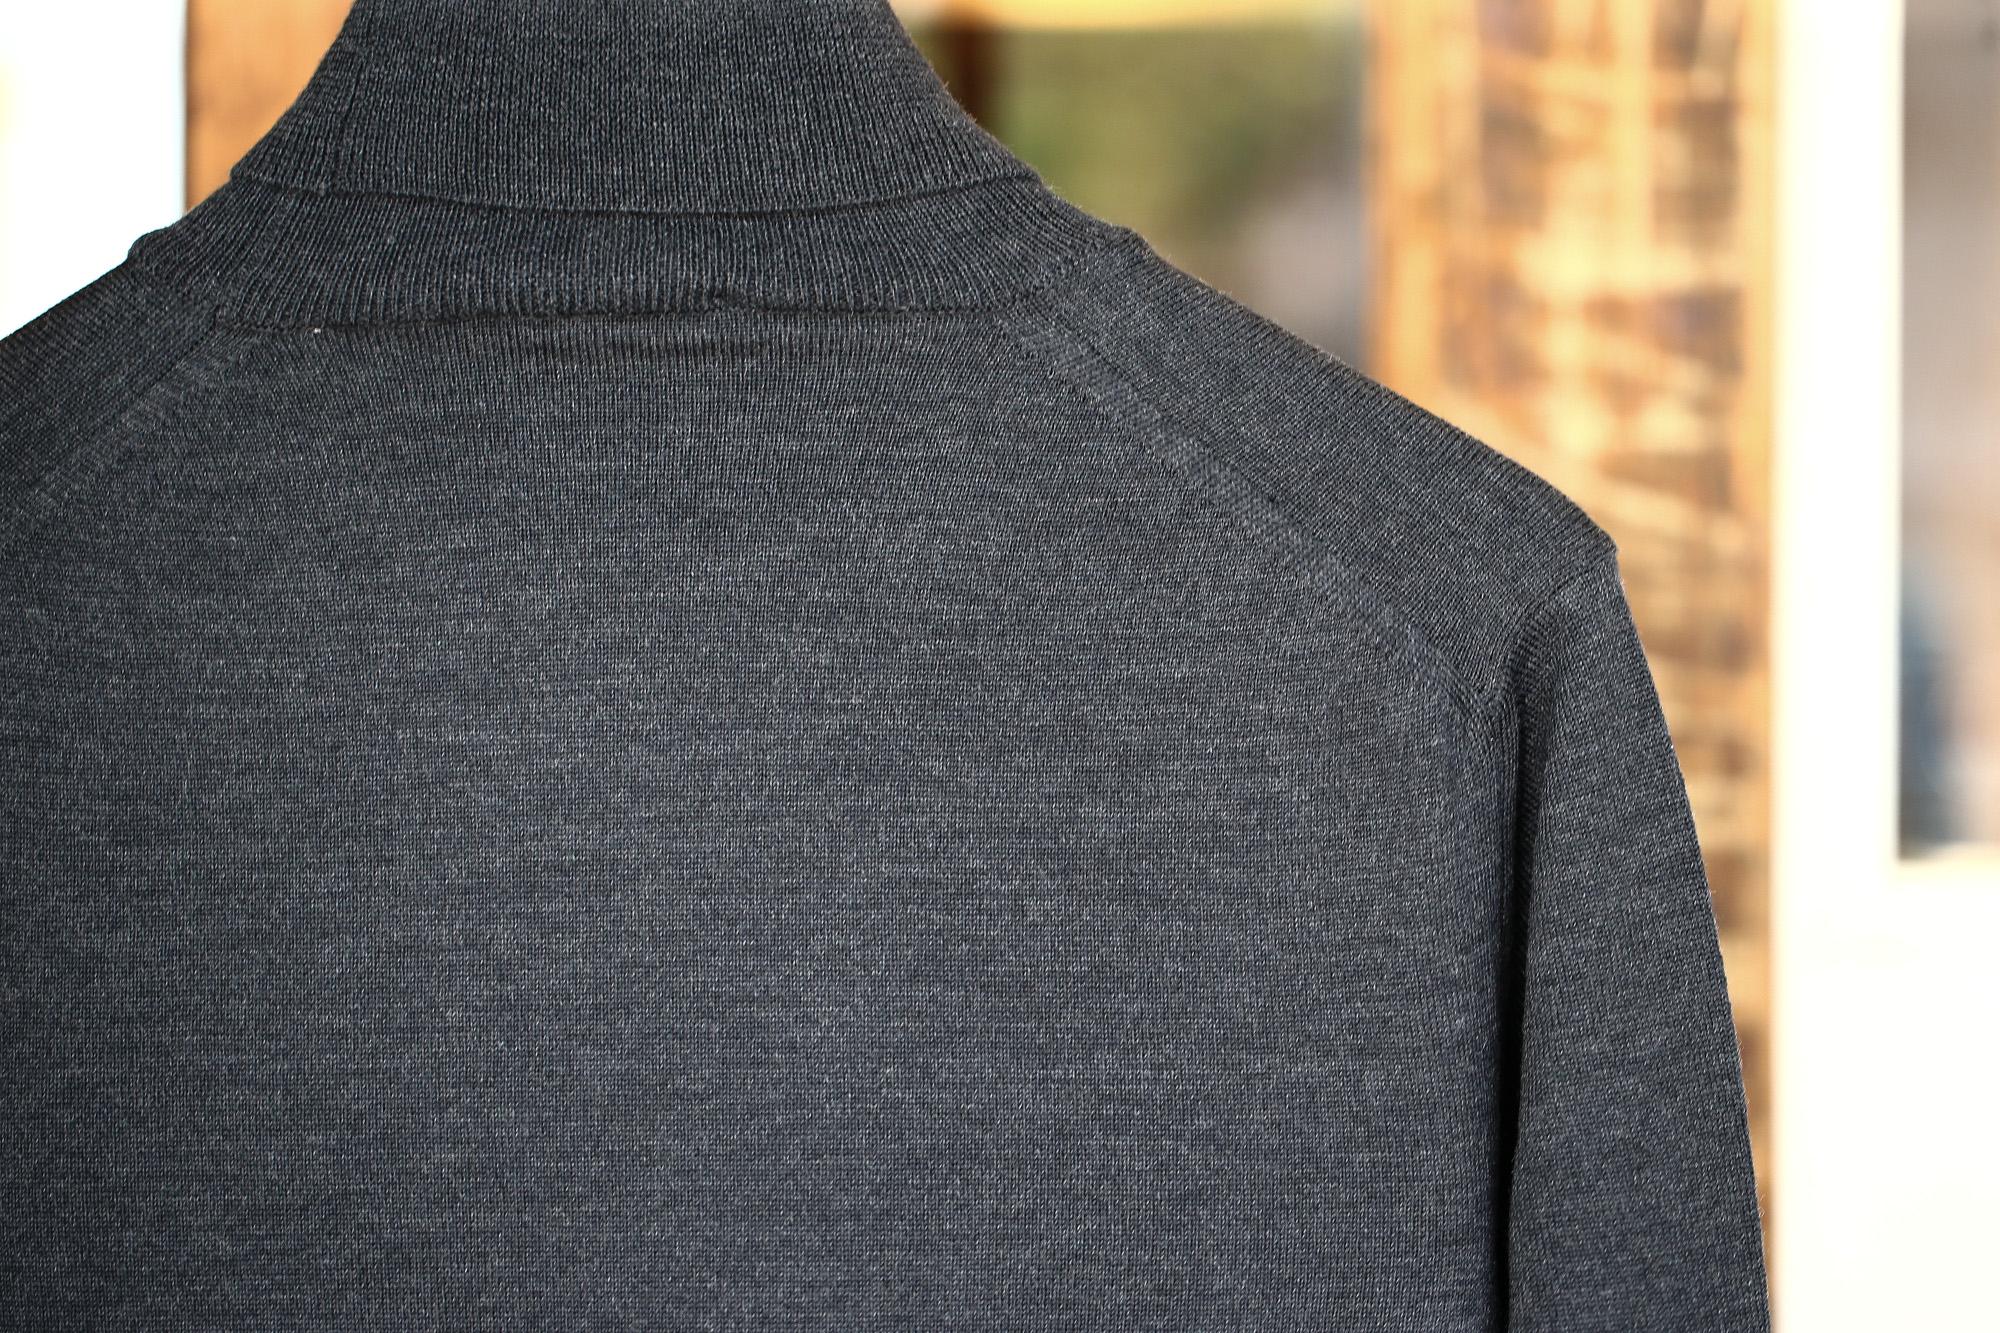 ZANONE (ザノーネ) Turtle Neck Sweater タートルネックセーター VIRGIN WOOL 100% ヴァージンウール100% ハイゲージウールニットセーター CHARCOAL (チャコール・Z0006) made in italy (イタリア製) 2017 秋冬新作 zanone ザノーネ タートルネック 愛知 名古屋 Alto e Diritto アルト エ デリット タートル